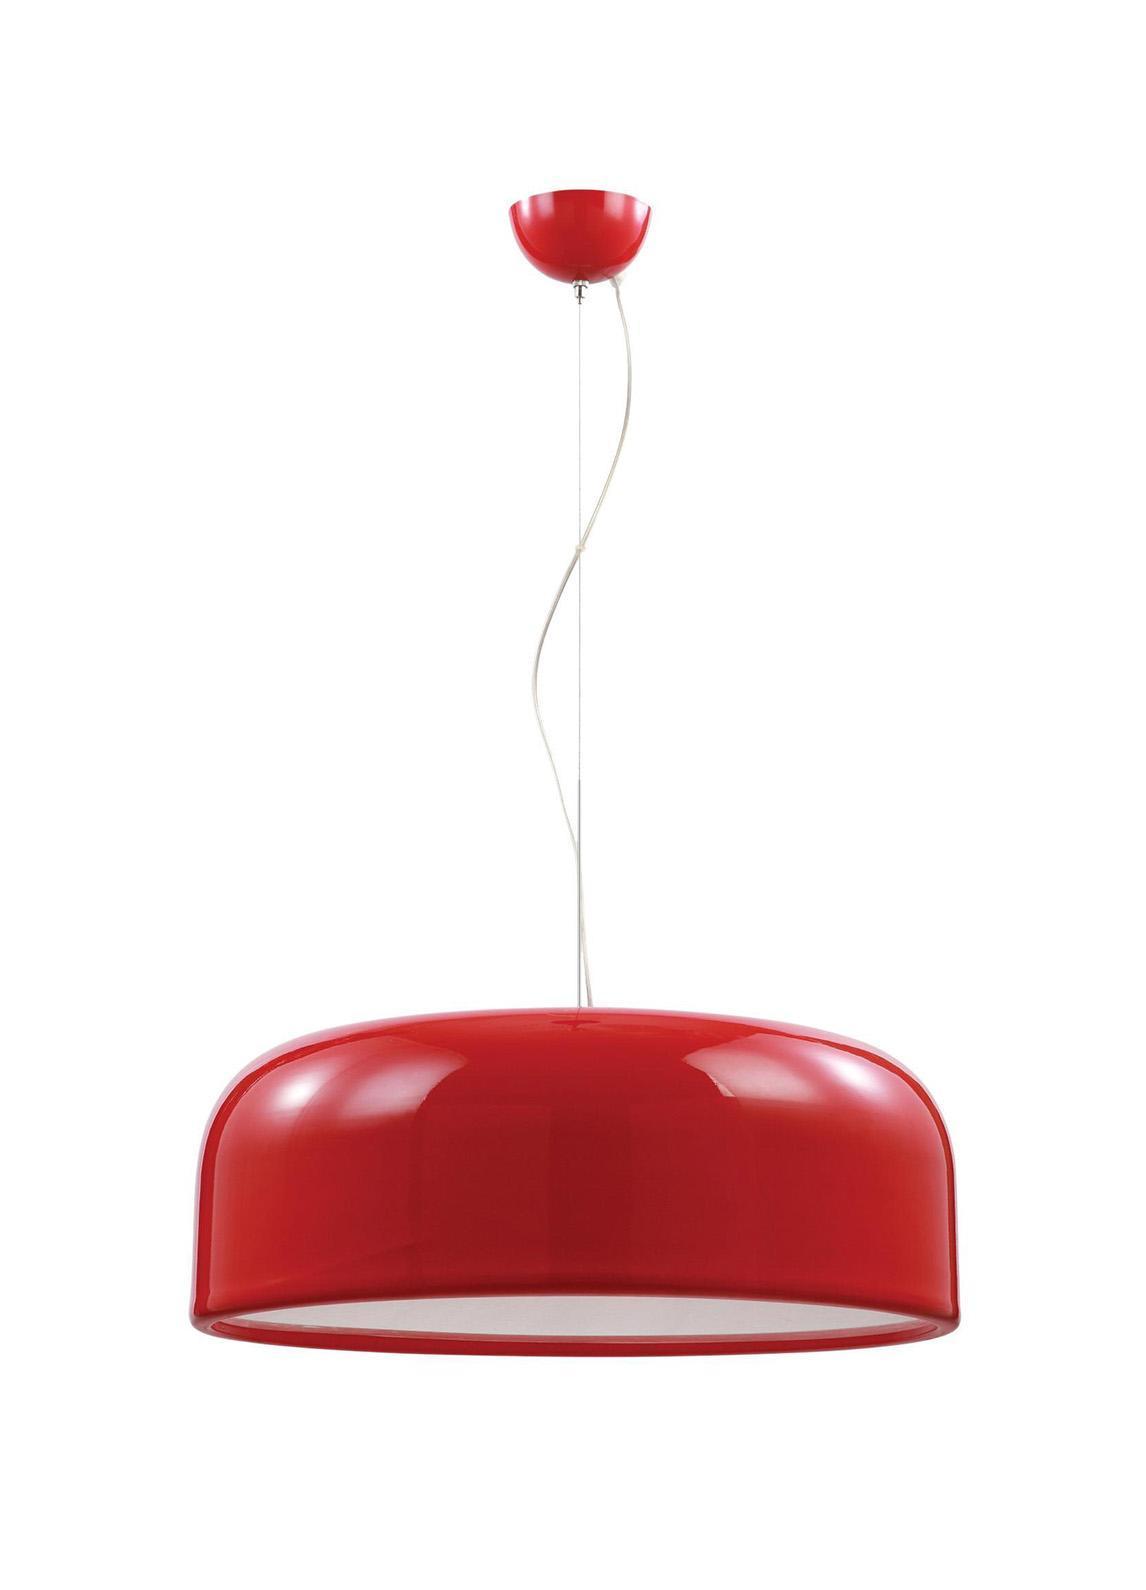 Светильник подвесной Arte lamp A3401sp-3rd epos 3401 132 24 17 27